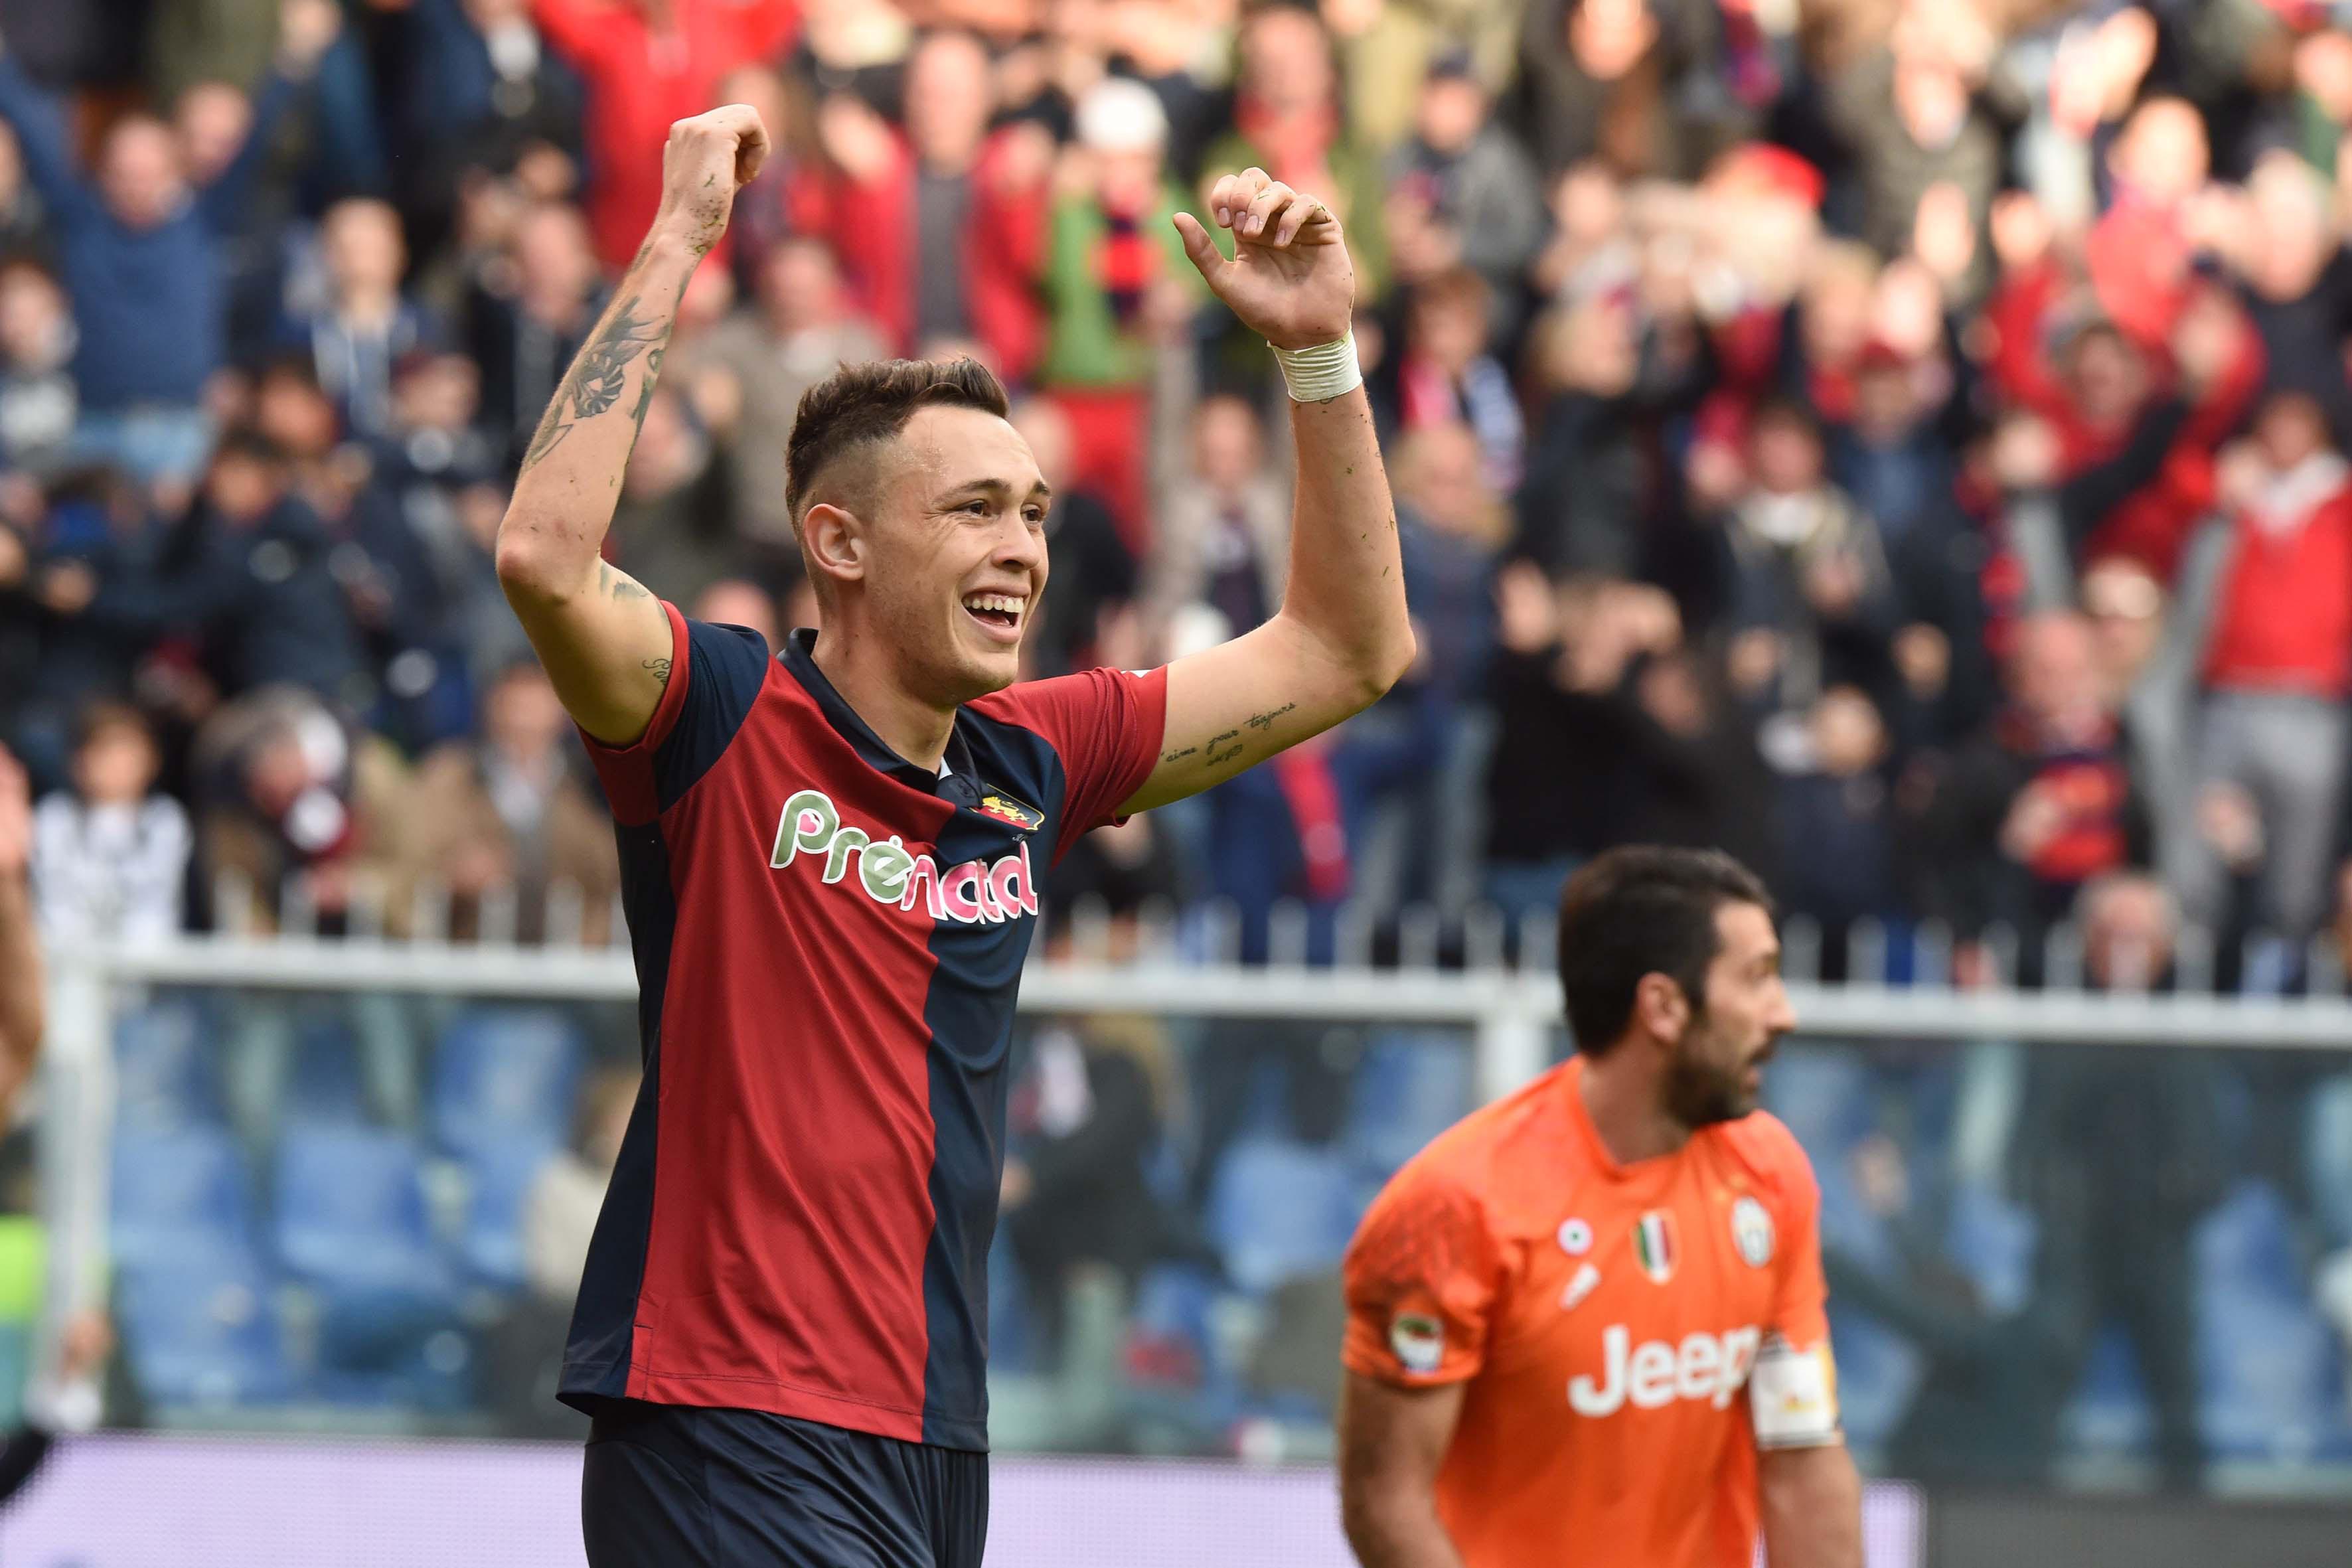 Il Milan frena su Ocampos